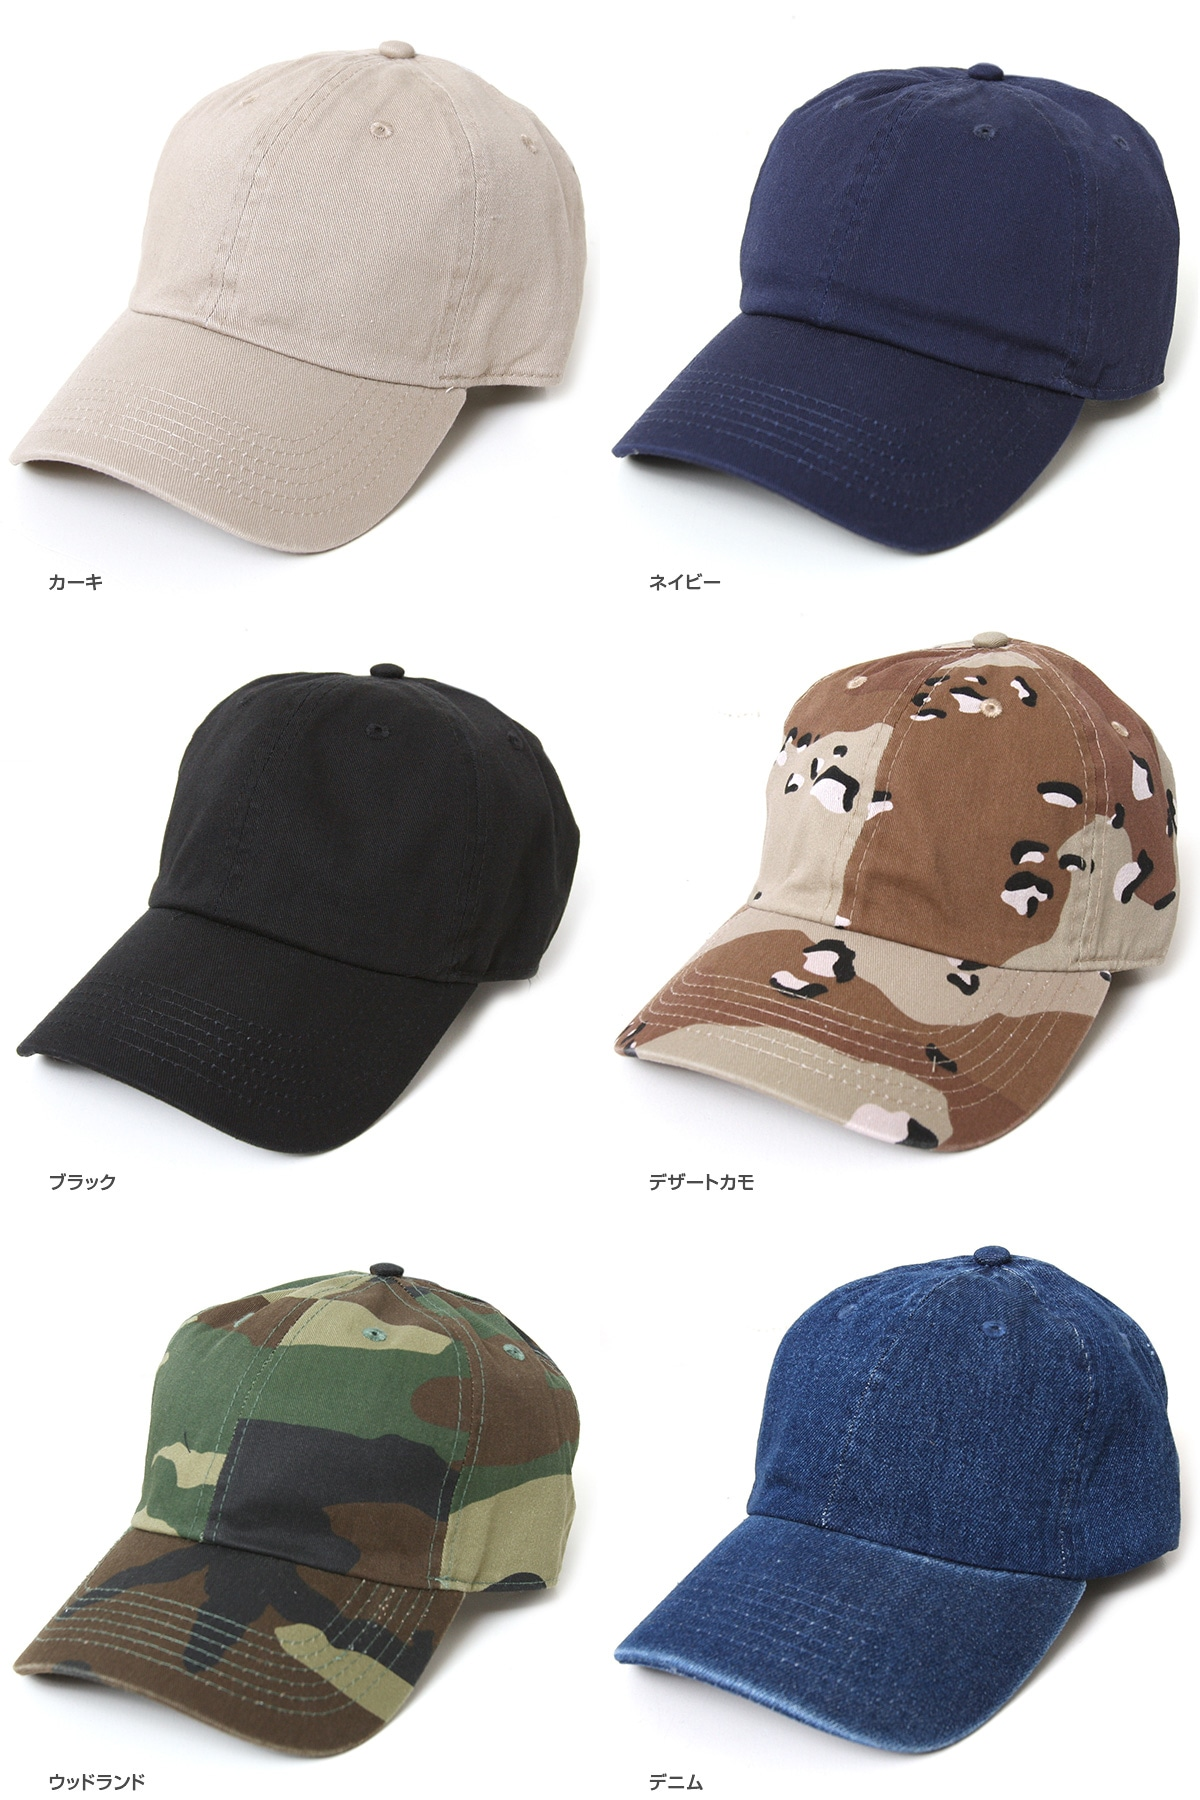 NEWHATTAN ニューハッタン ベースボールキャップ 帽子 1145 1400